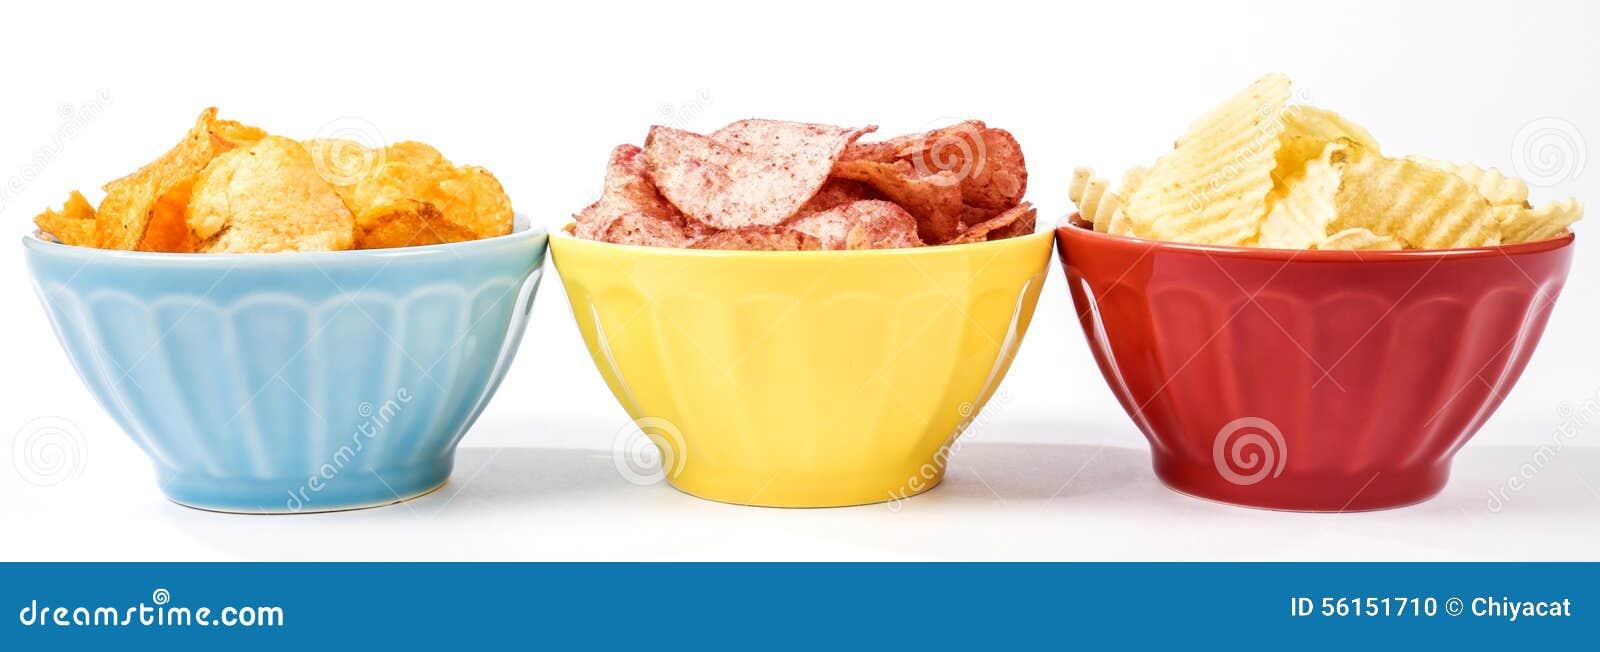 Trois bols de pommes chips des diverses saveurs #1